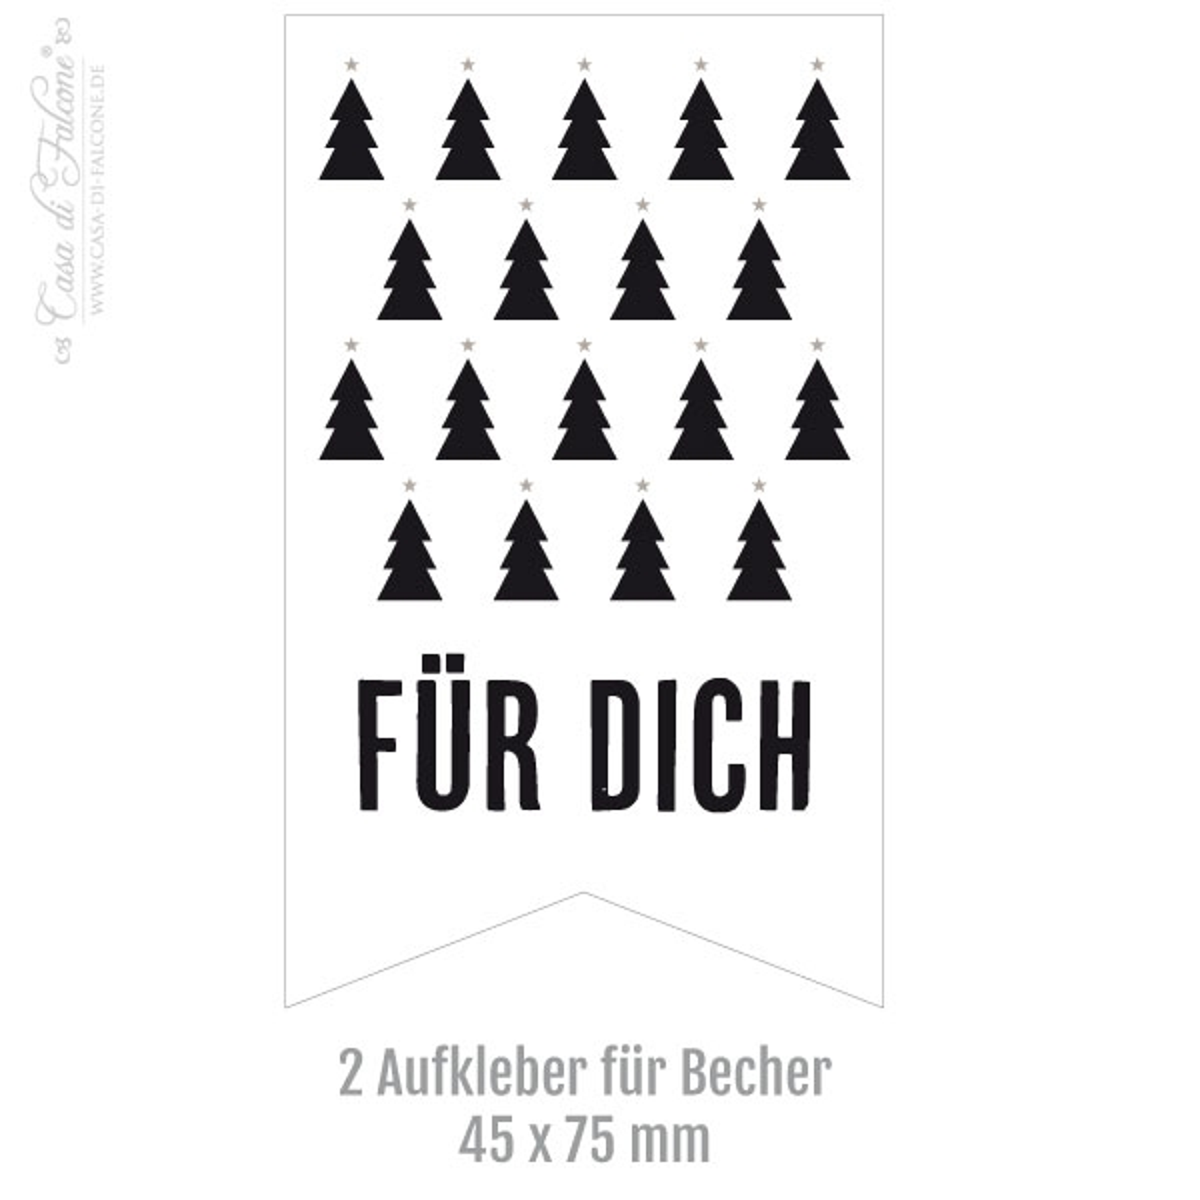 keksverpackung weihnachten 2er set tannenbaum schwarz. Black Bedroom Furniture Sets. Home Design Ideas